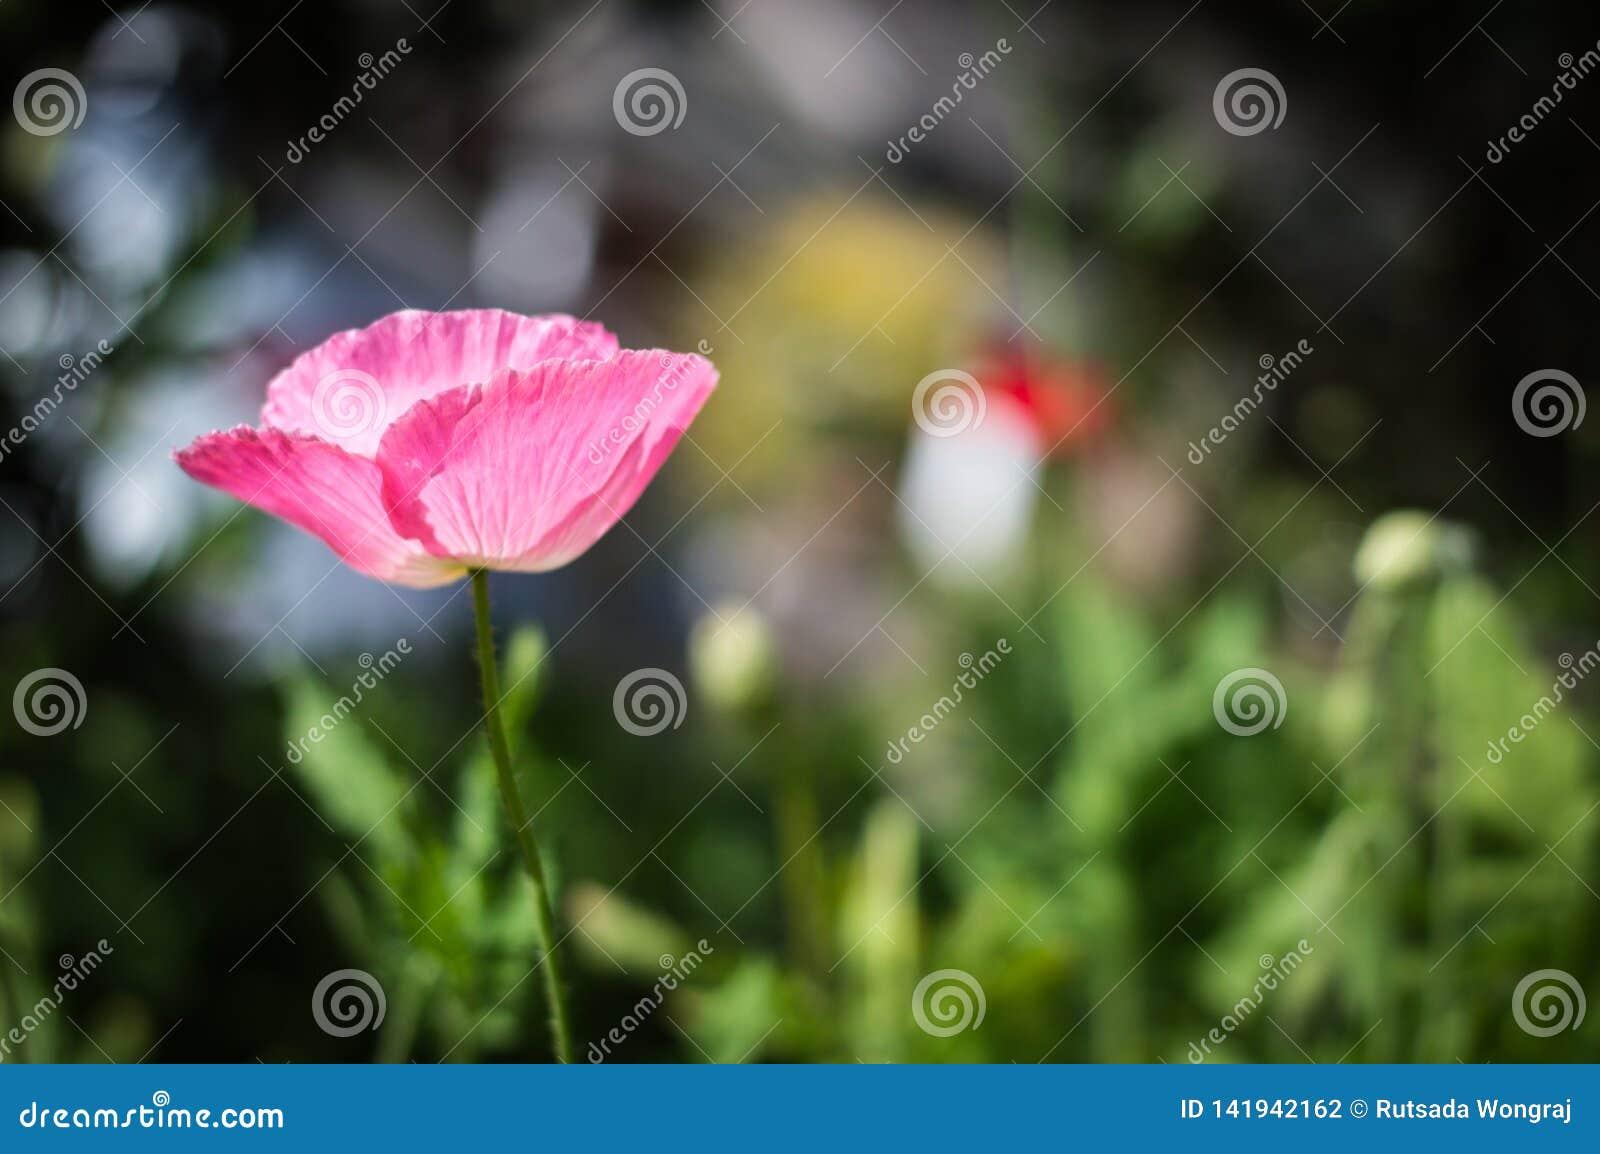 Beautiful pink poppies bloom in the graden